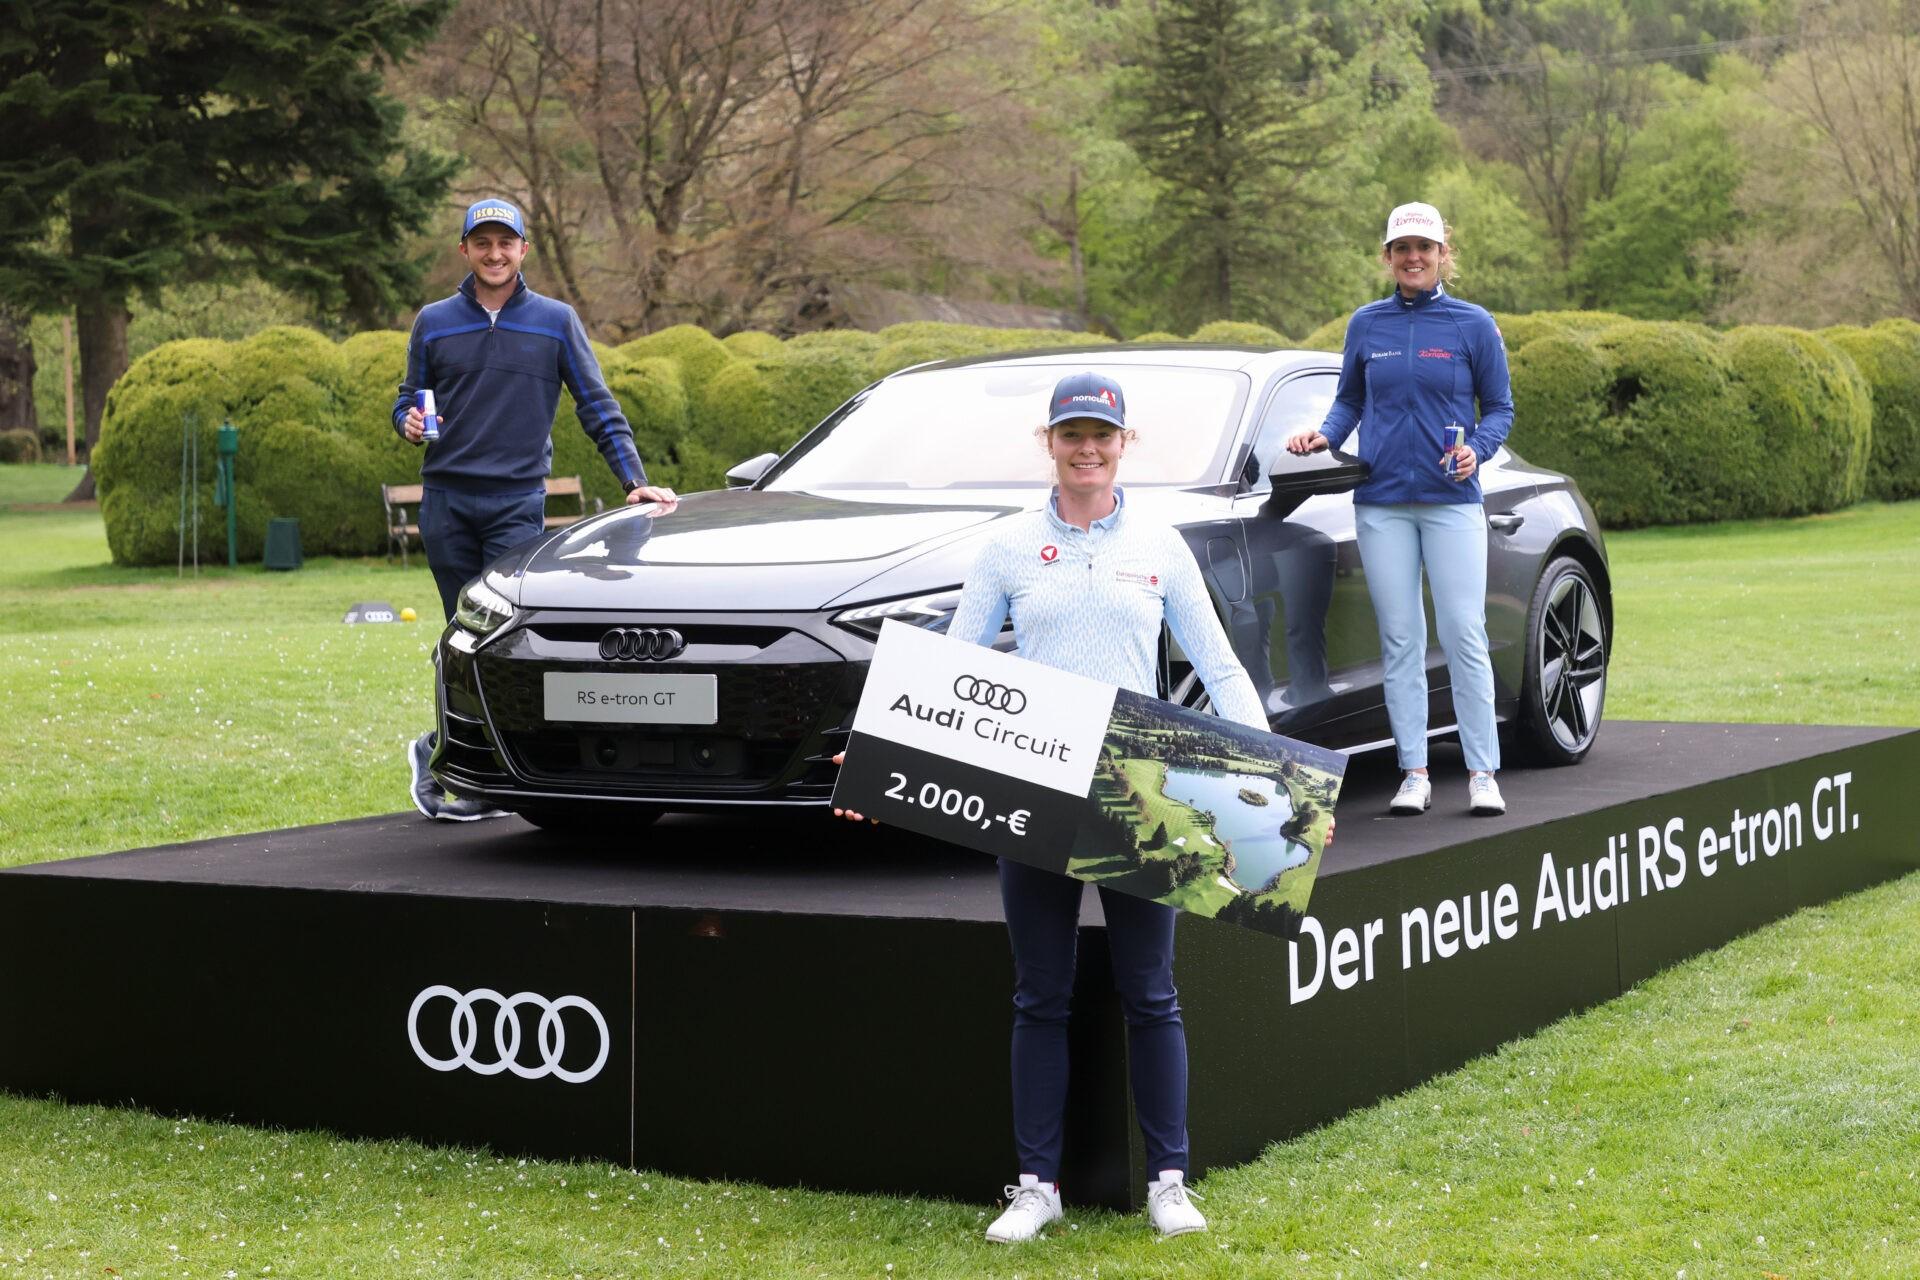 Audi Circuit 2021: Nemecz mit Start-Ziel-Sieg